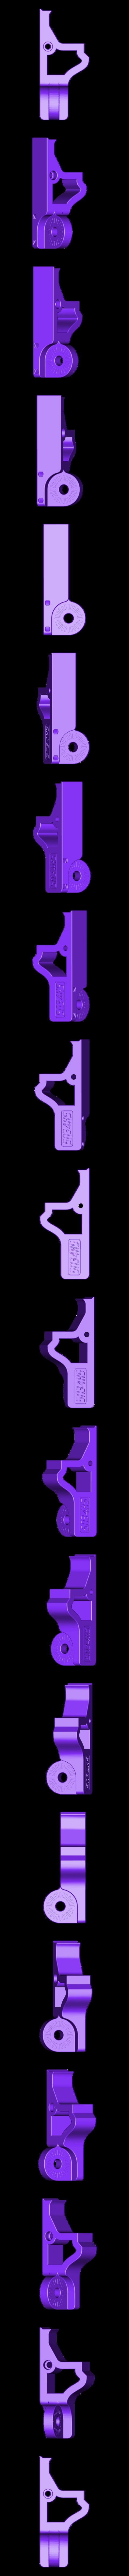 xAxisBracket.STL Télécharger fichier STL gratuit Monture de caméra articulée Raspberry Pi pour Prusa MK3 • Design à imprimer en 3D, sneaks